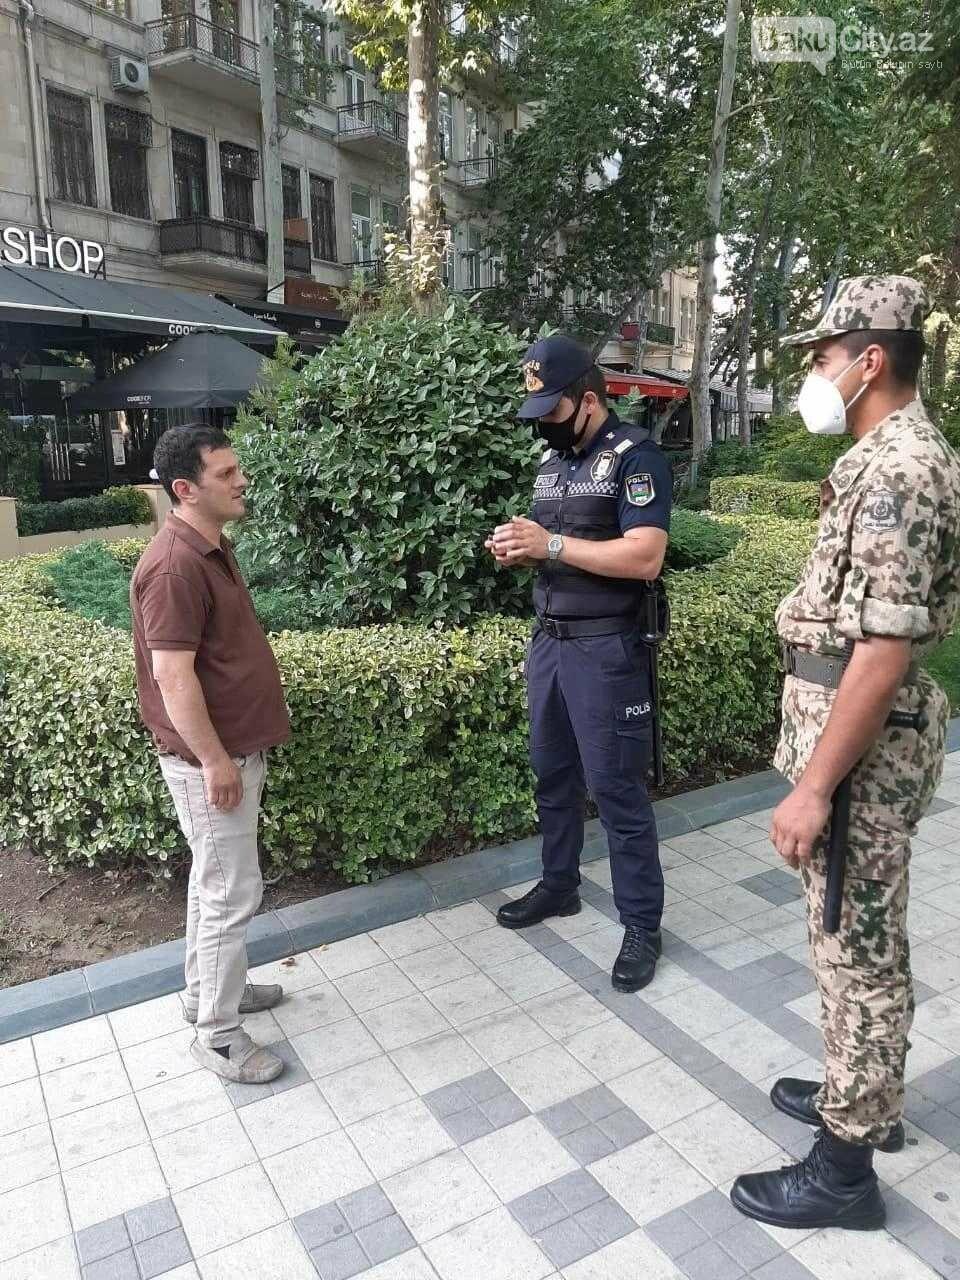 Bakı polisi reyd keçirir - FOTO, fotoşəkil-6